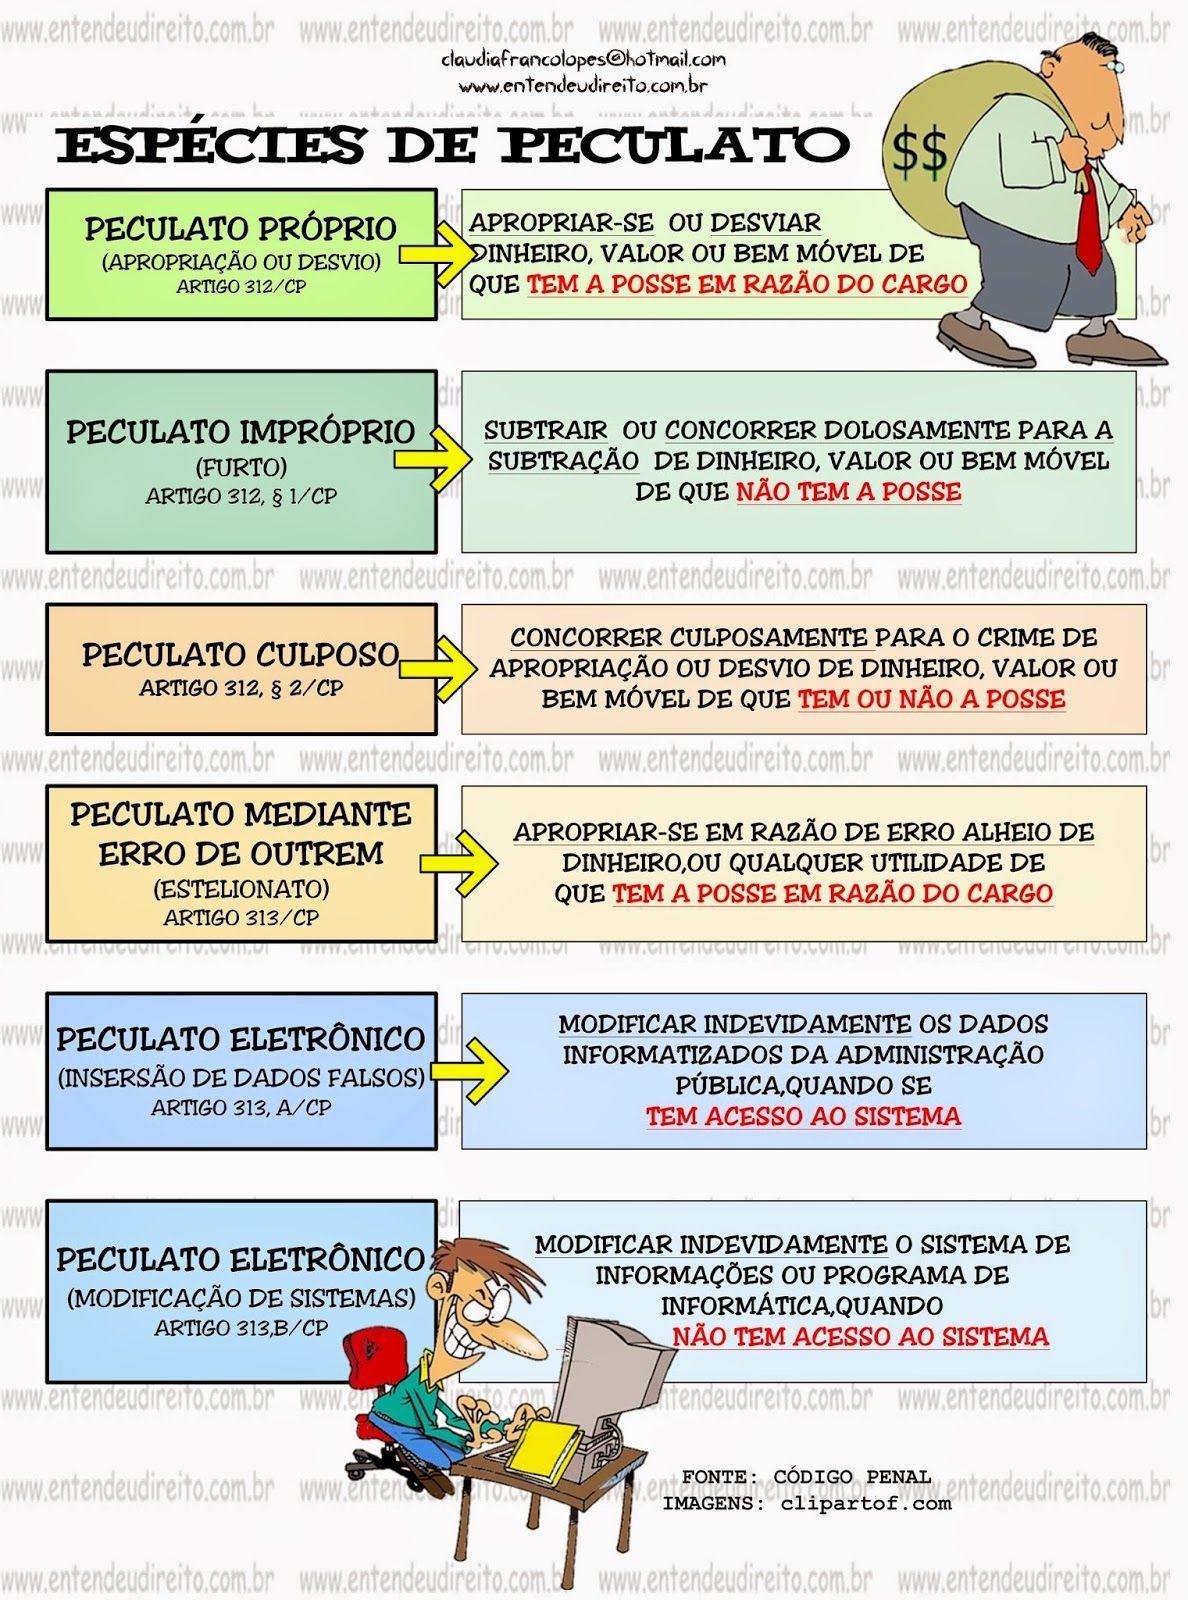 ESPÉCIES DE PECULATO | Direito penal, Entendeu direito